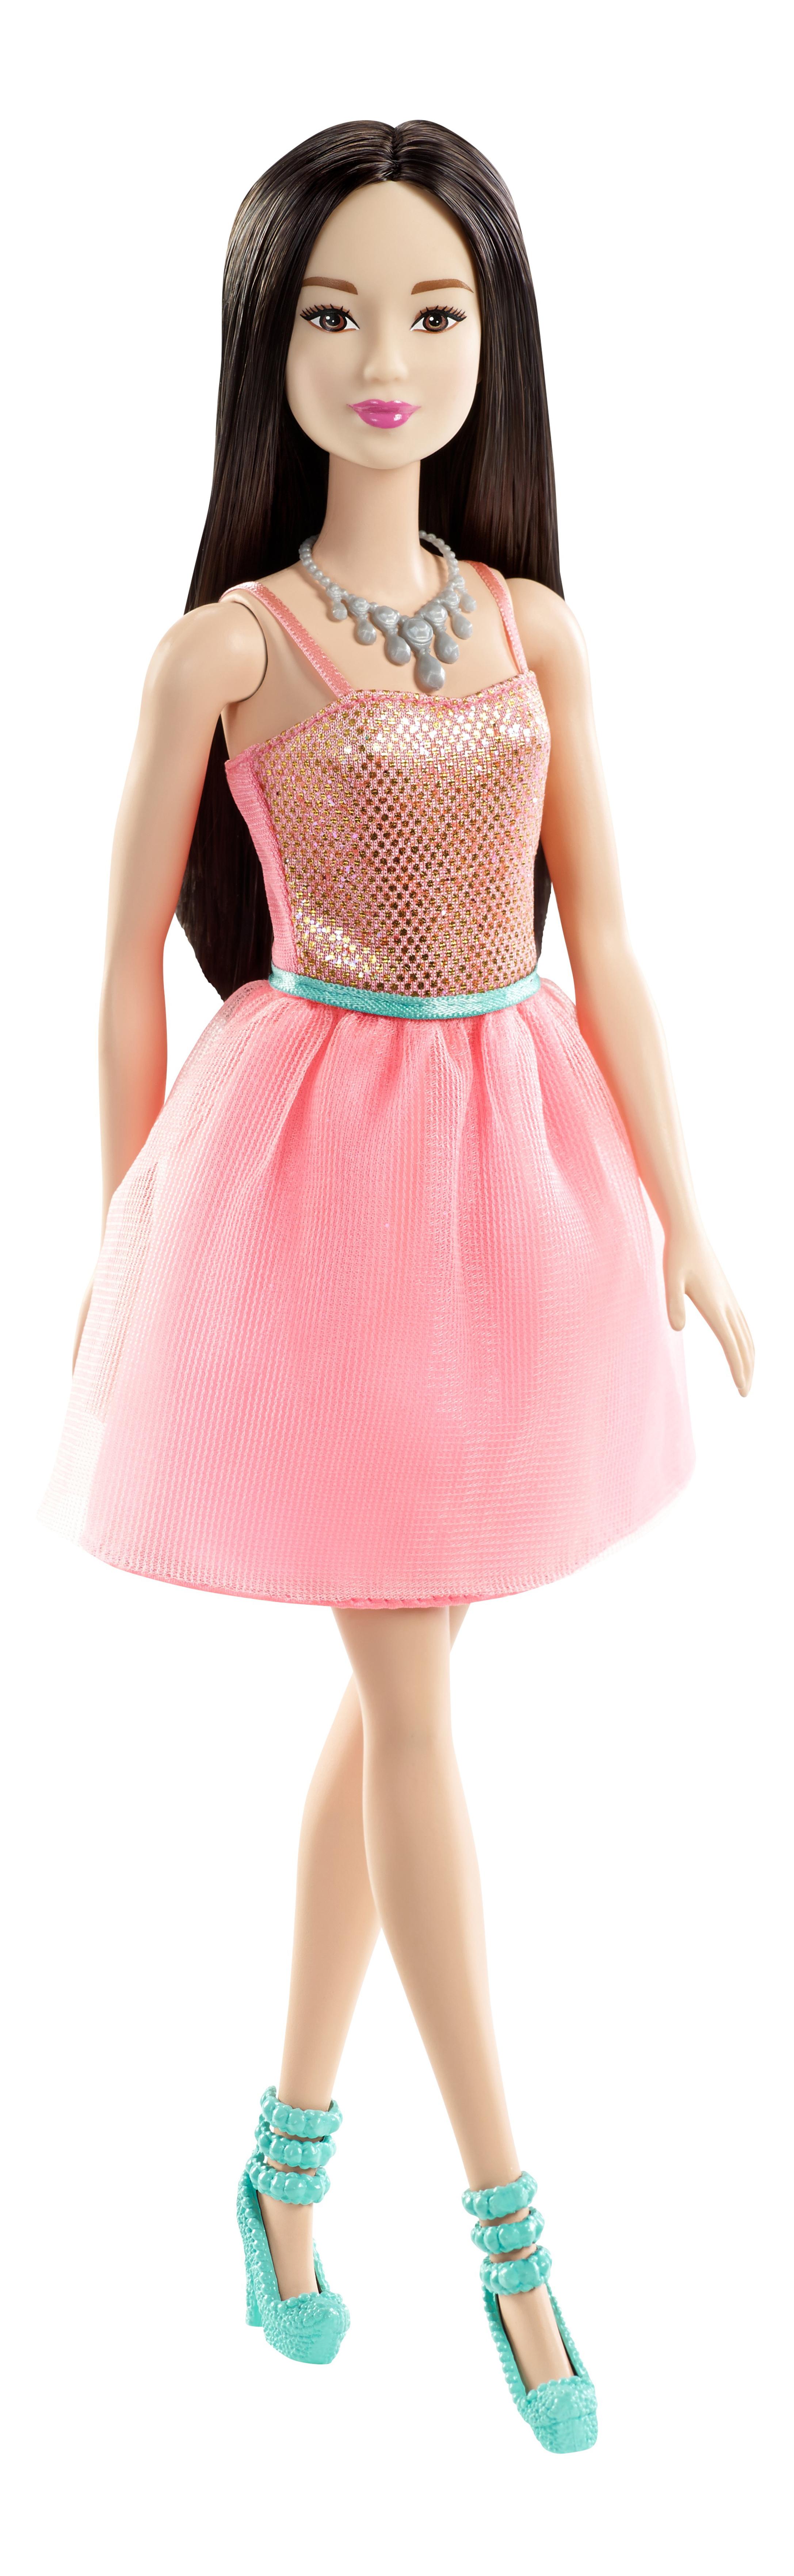 Купить Кукла Barbie из серии сияние моды T7580 DGX83, Куклы Barbie